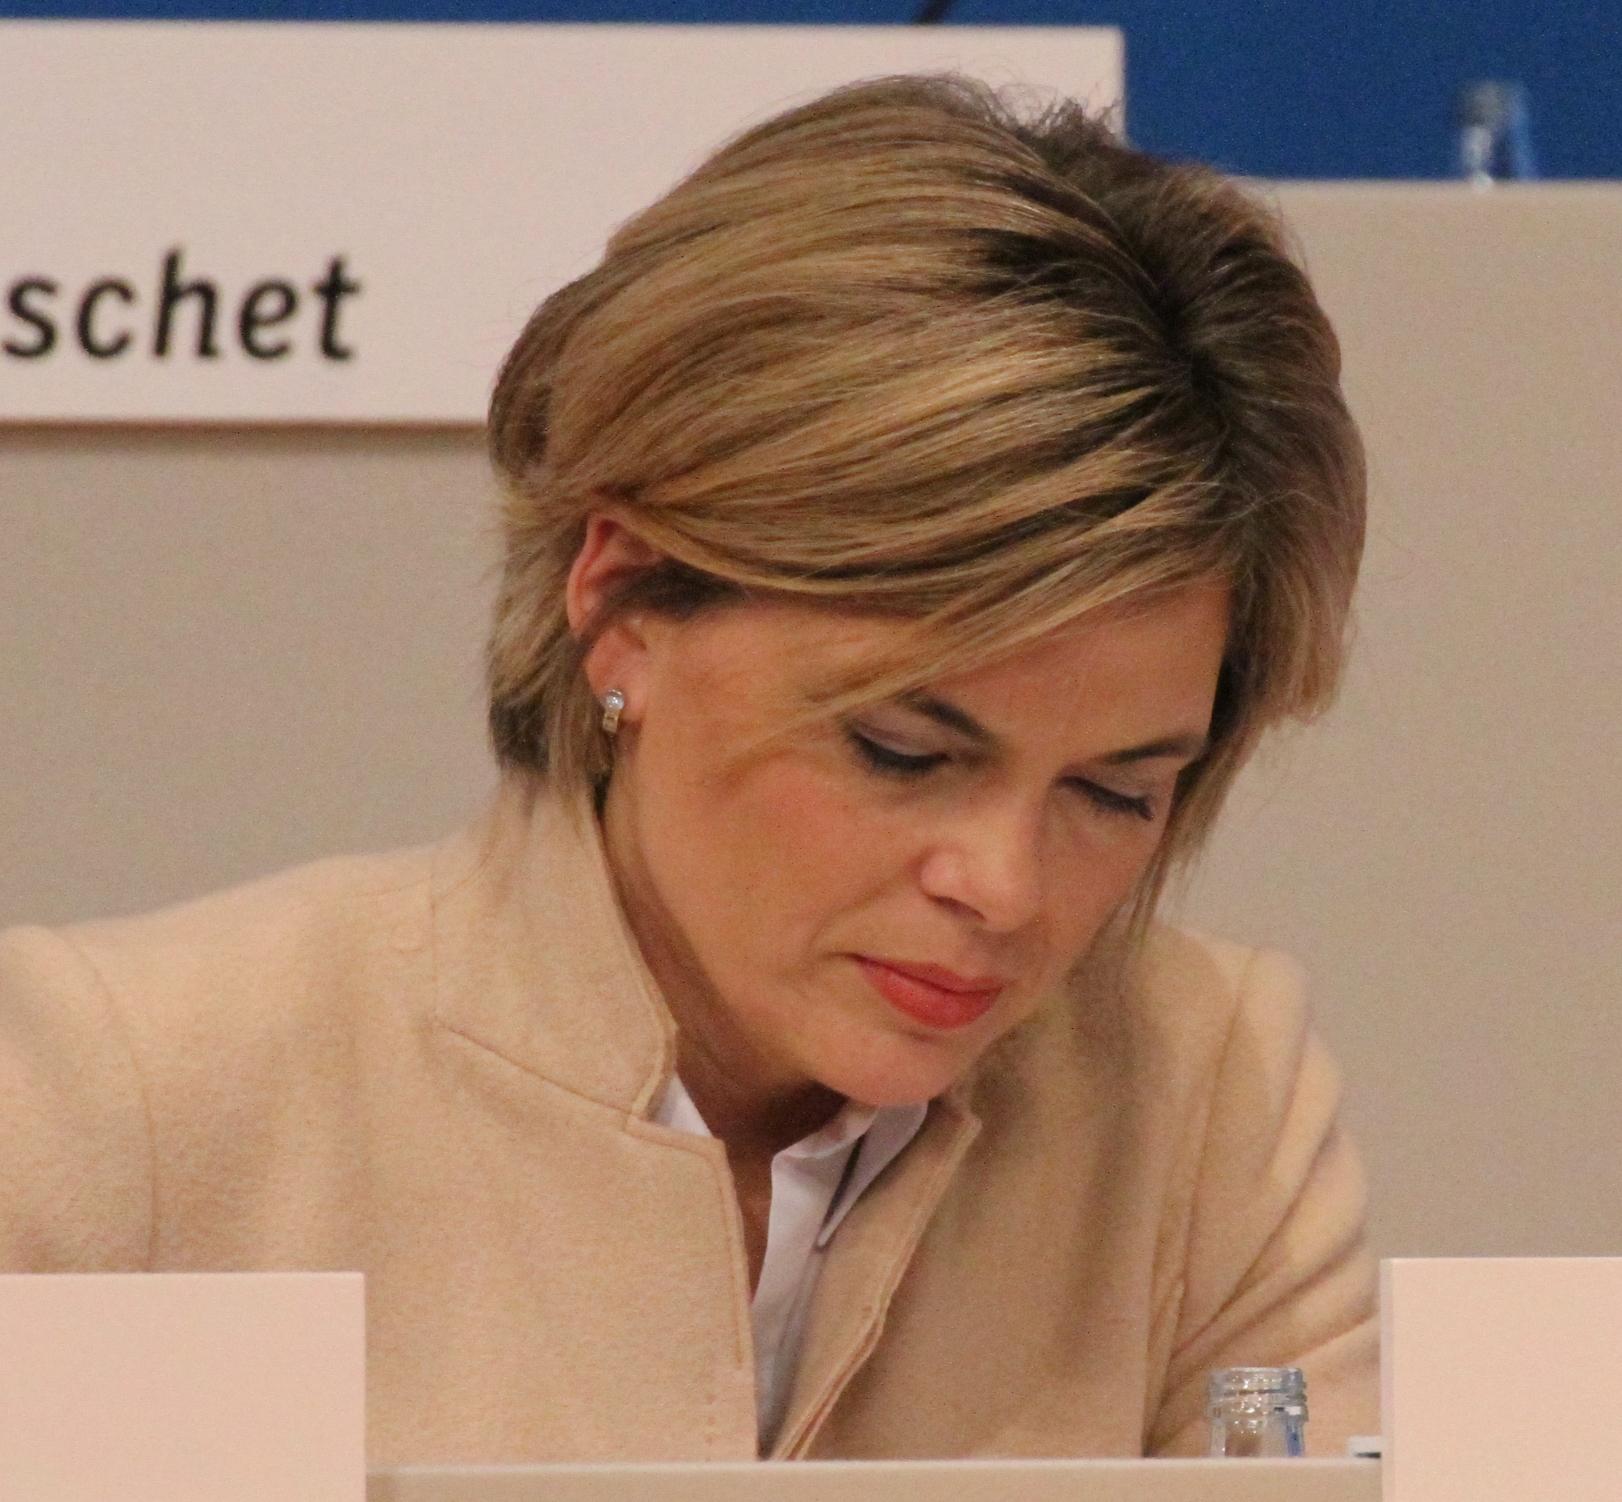 Nude julia klöckner Category:Julia Klöckner